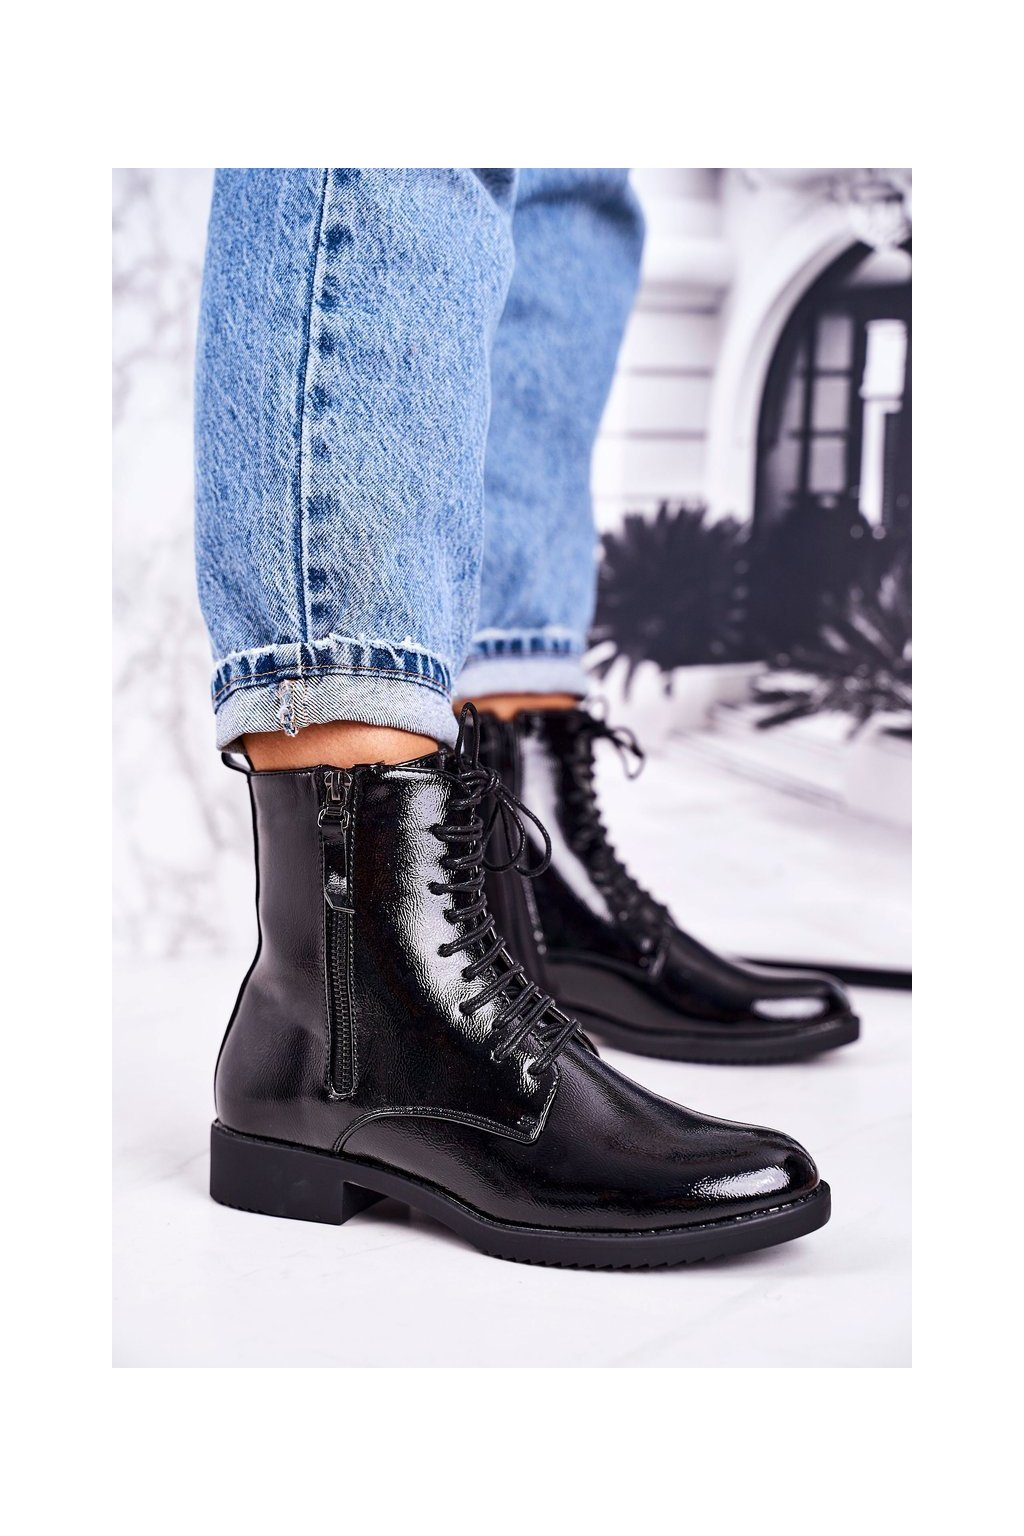 Členkové topánky na podpätku farba čierna kód obuvi A8315/B BLK